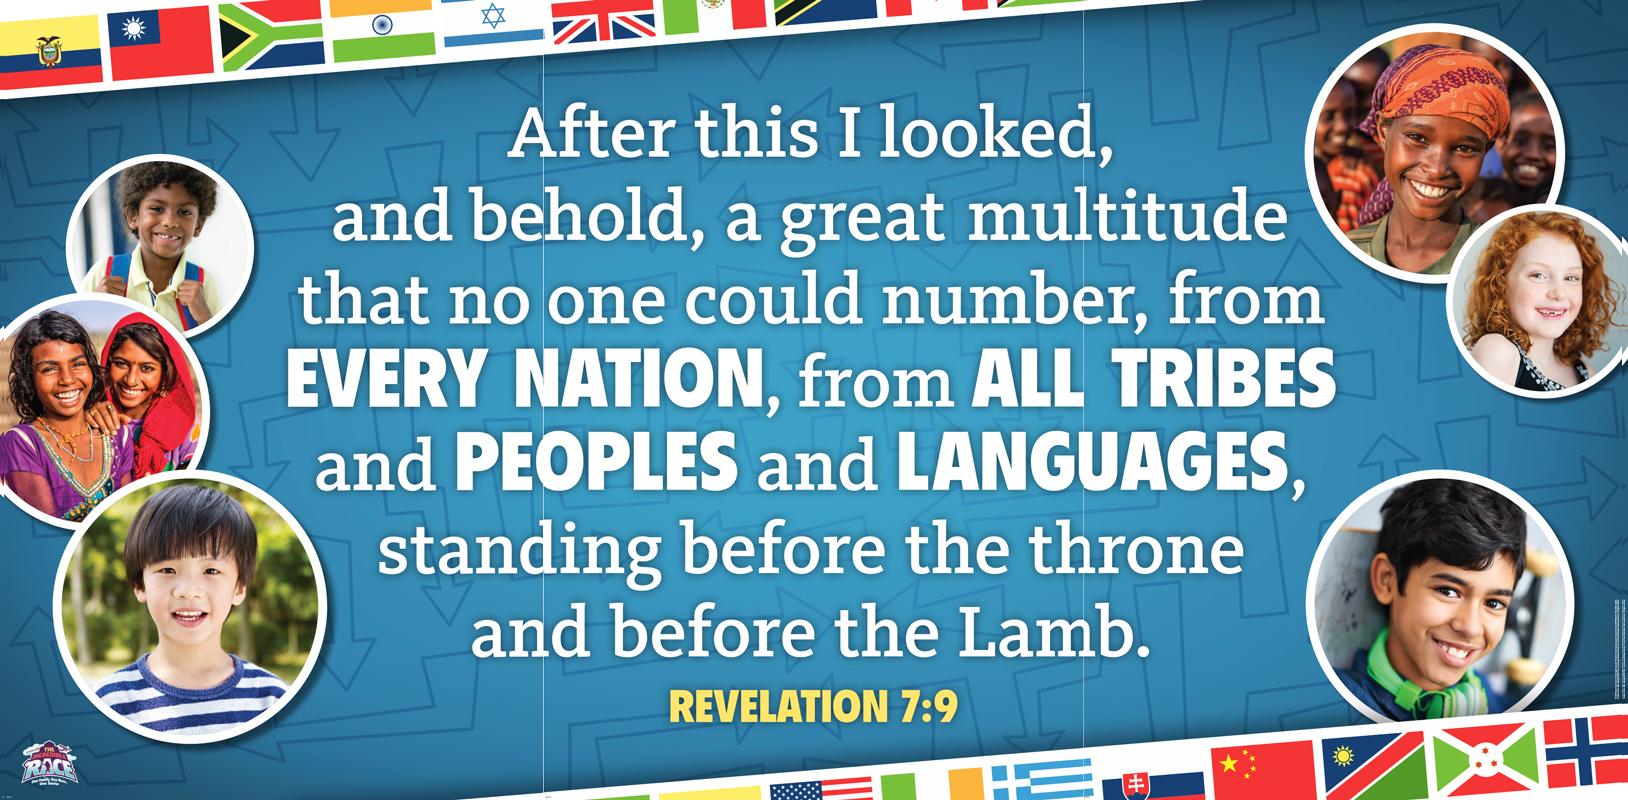 verse.jpg